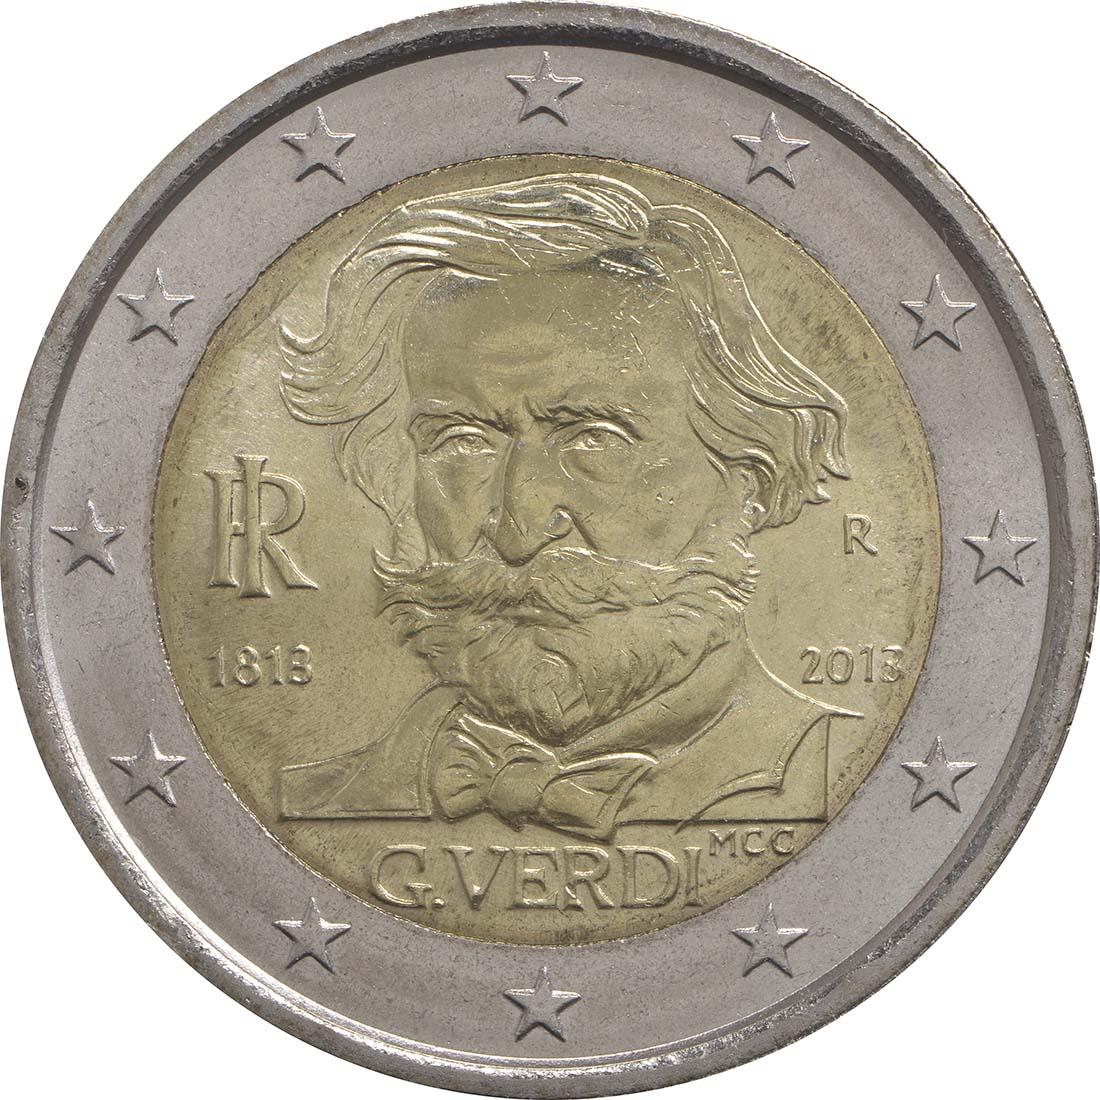 2013 141 Italien Verdi.jpg